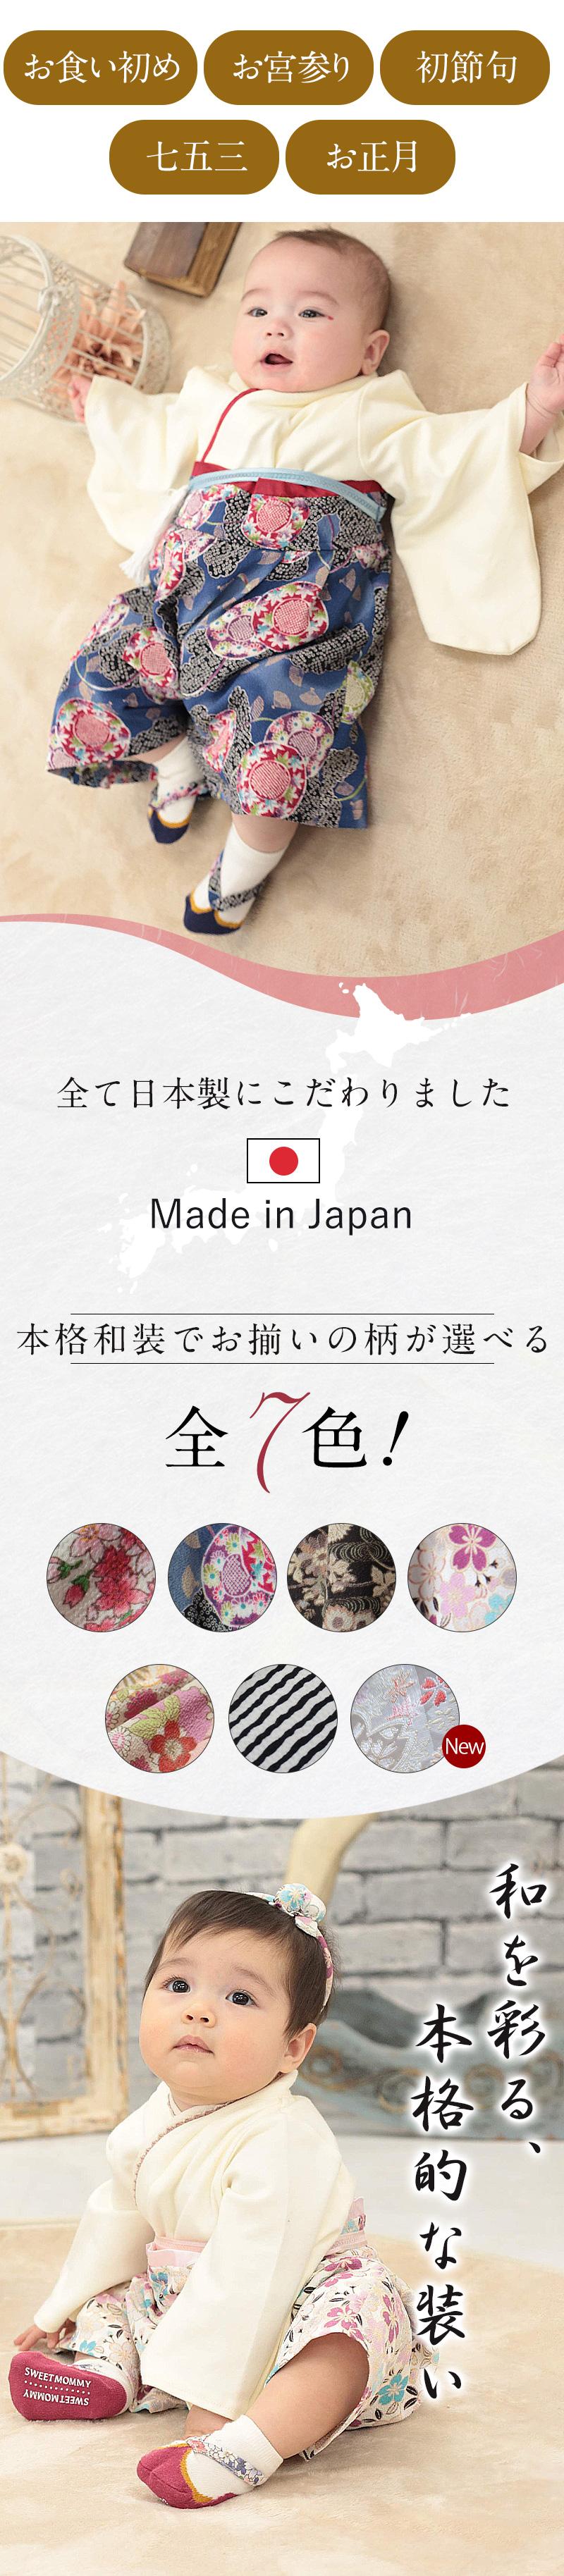 袴とお揃いの柄で可愛い!日本製ちりめん下駄風ベビーソックス